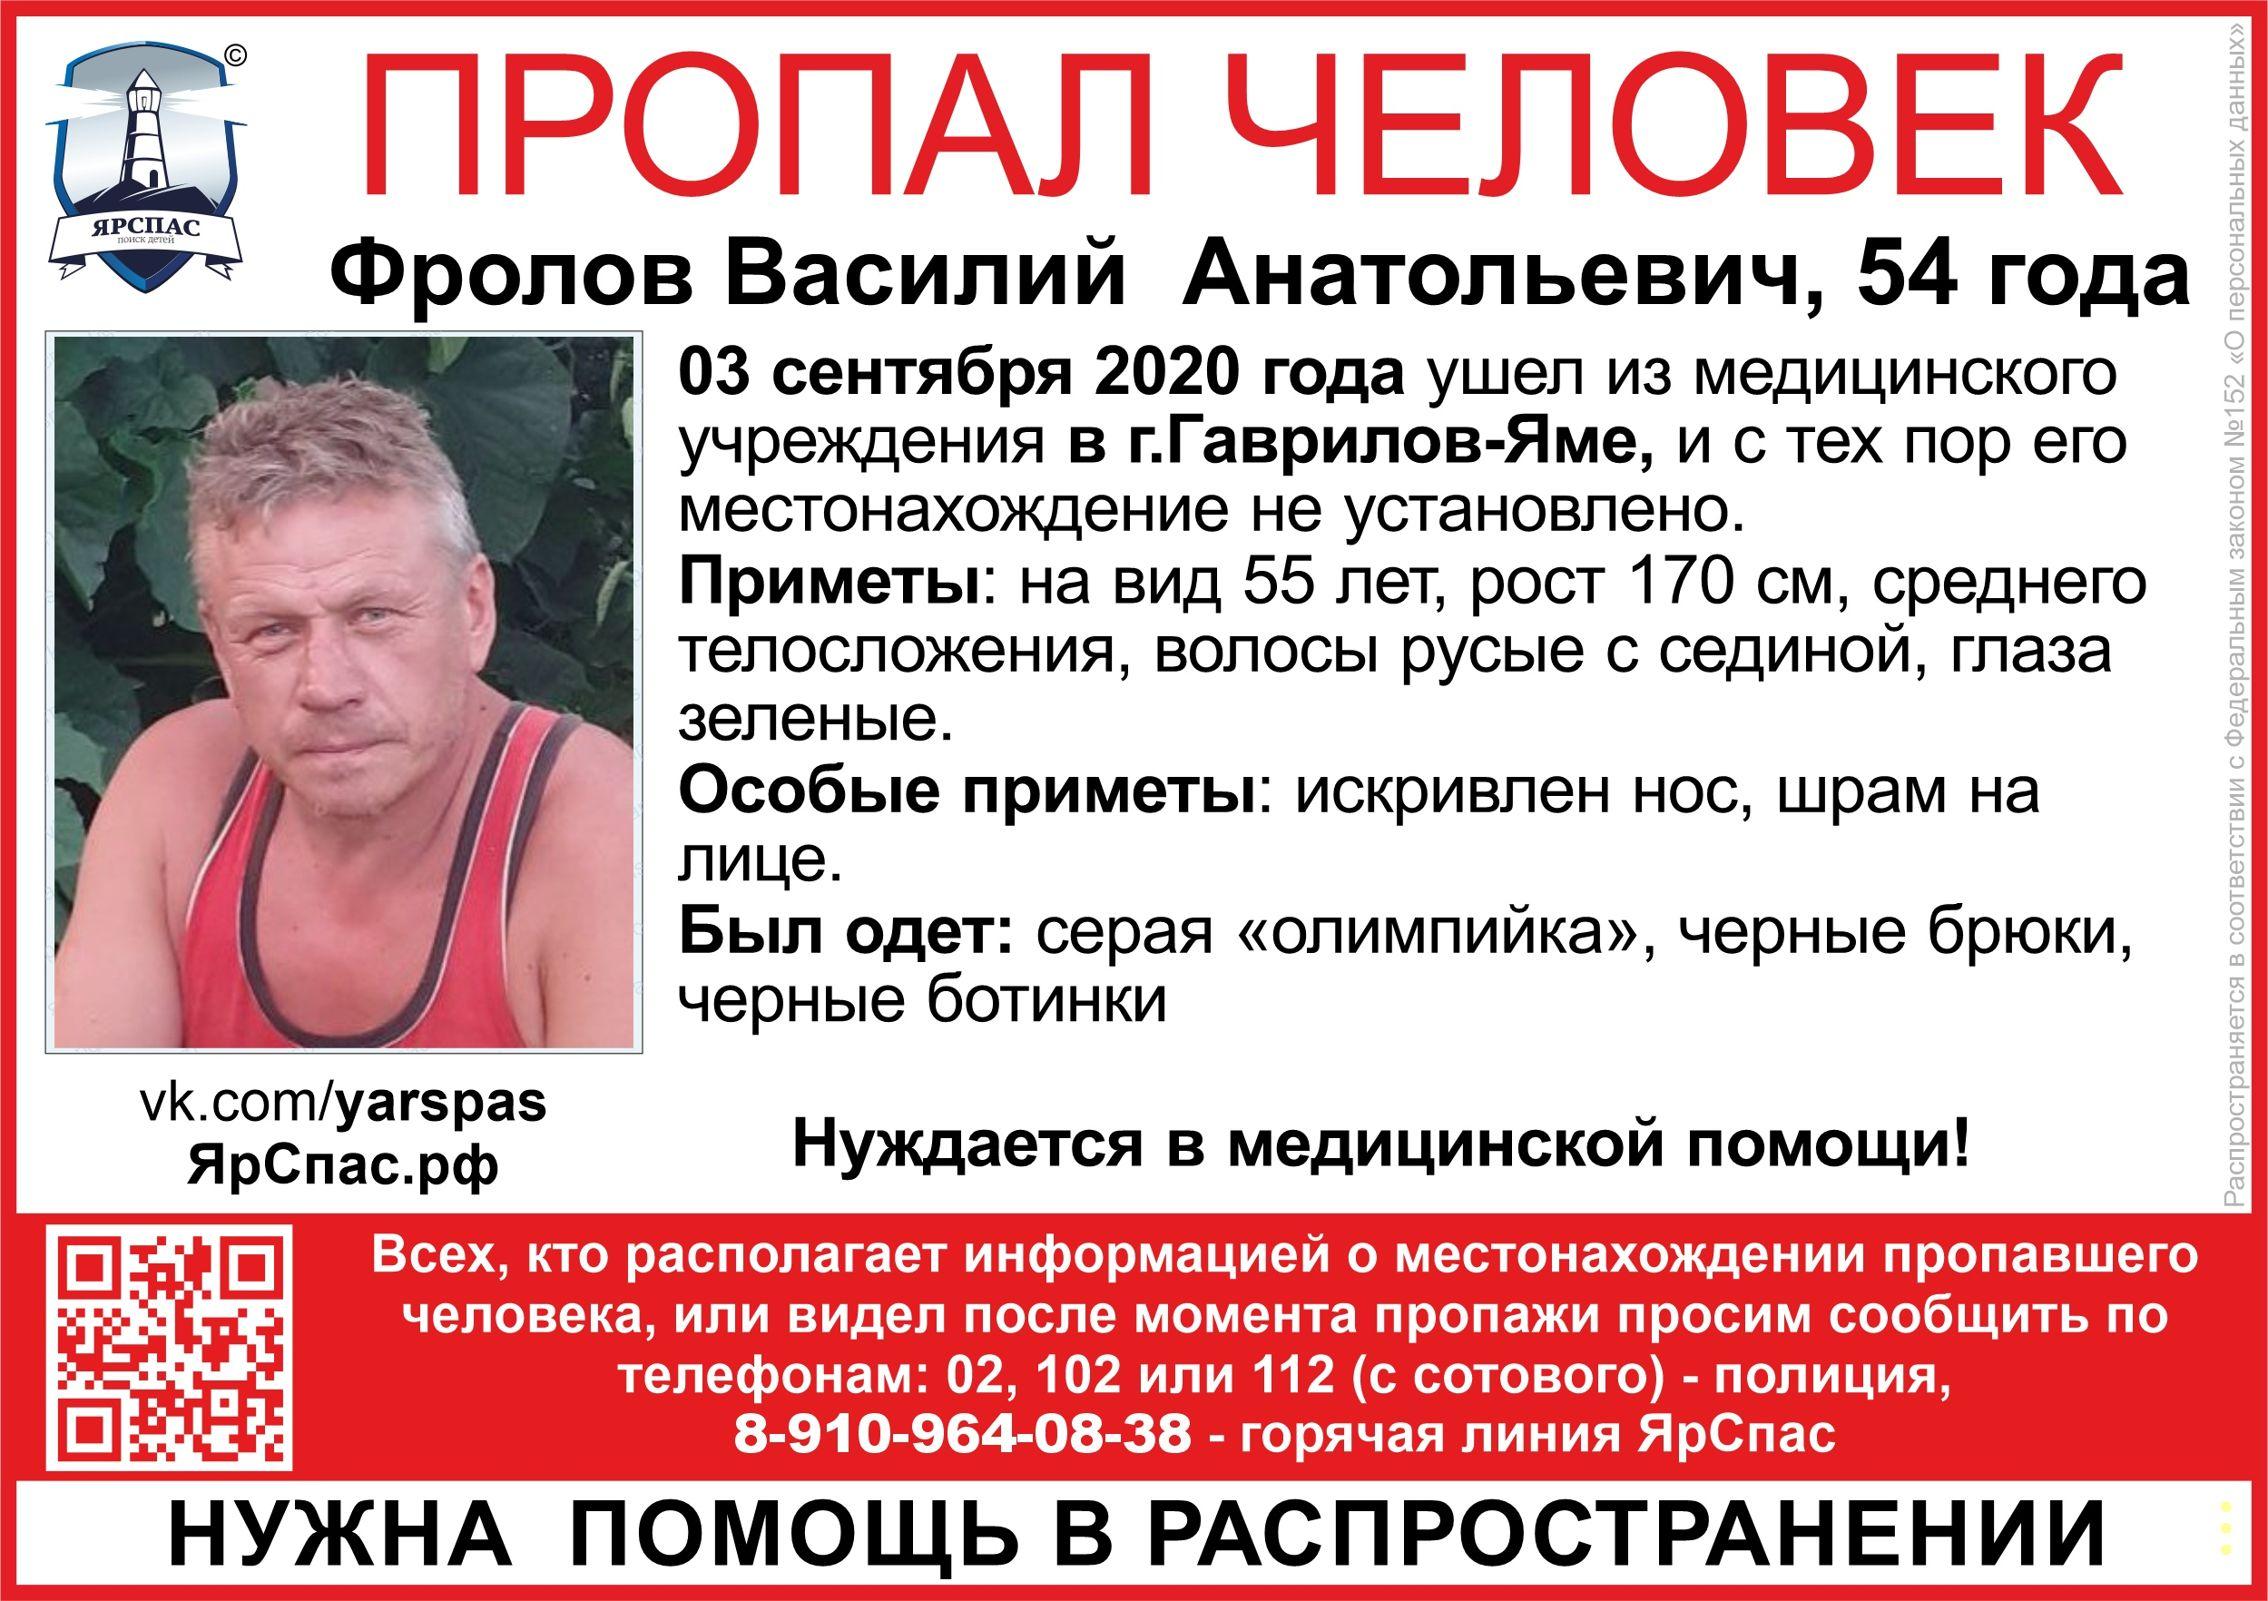 В Ярославской области ищут нуждающегося в медицинской помощи мужчину